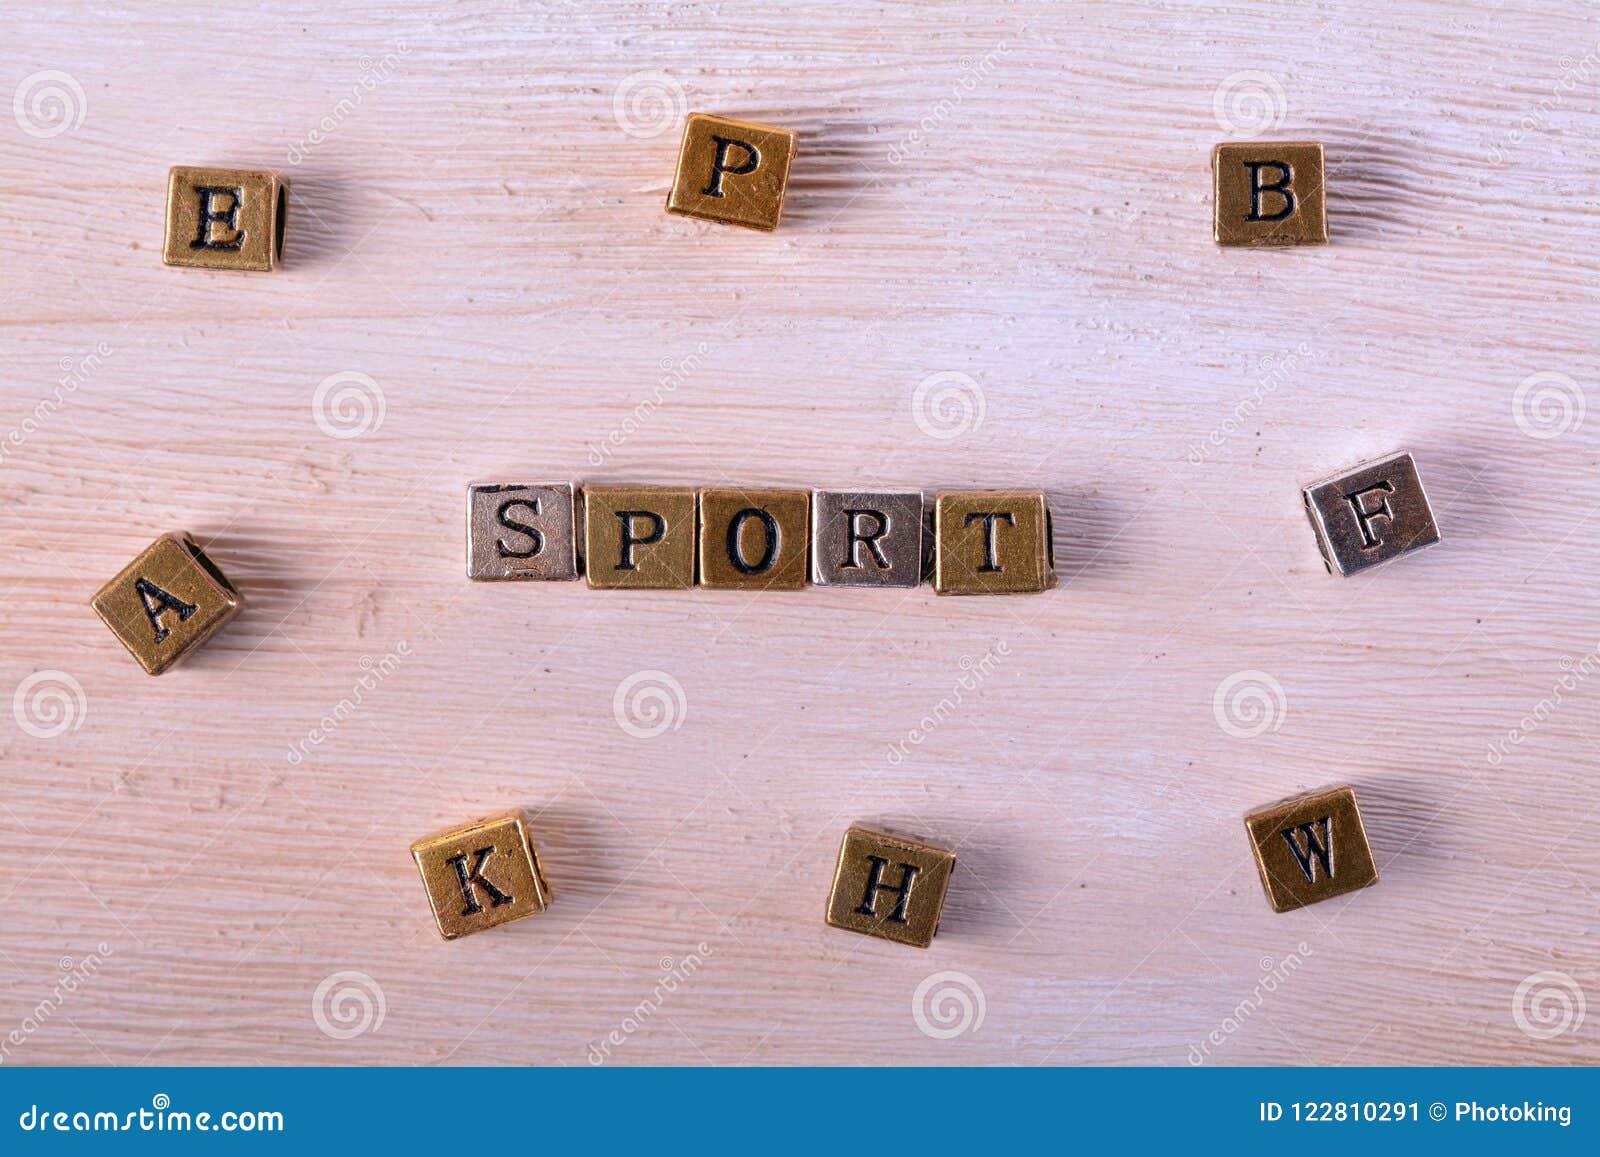 Sport word metal block